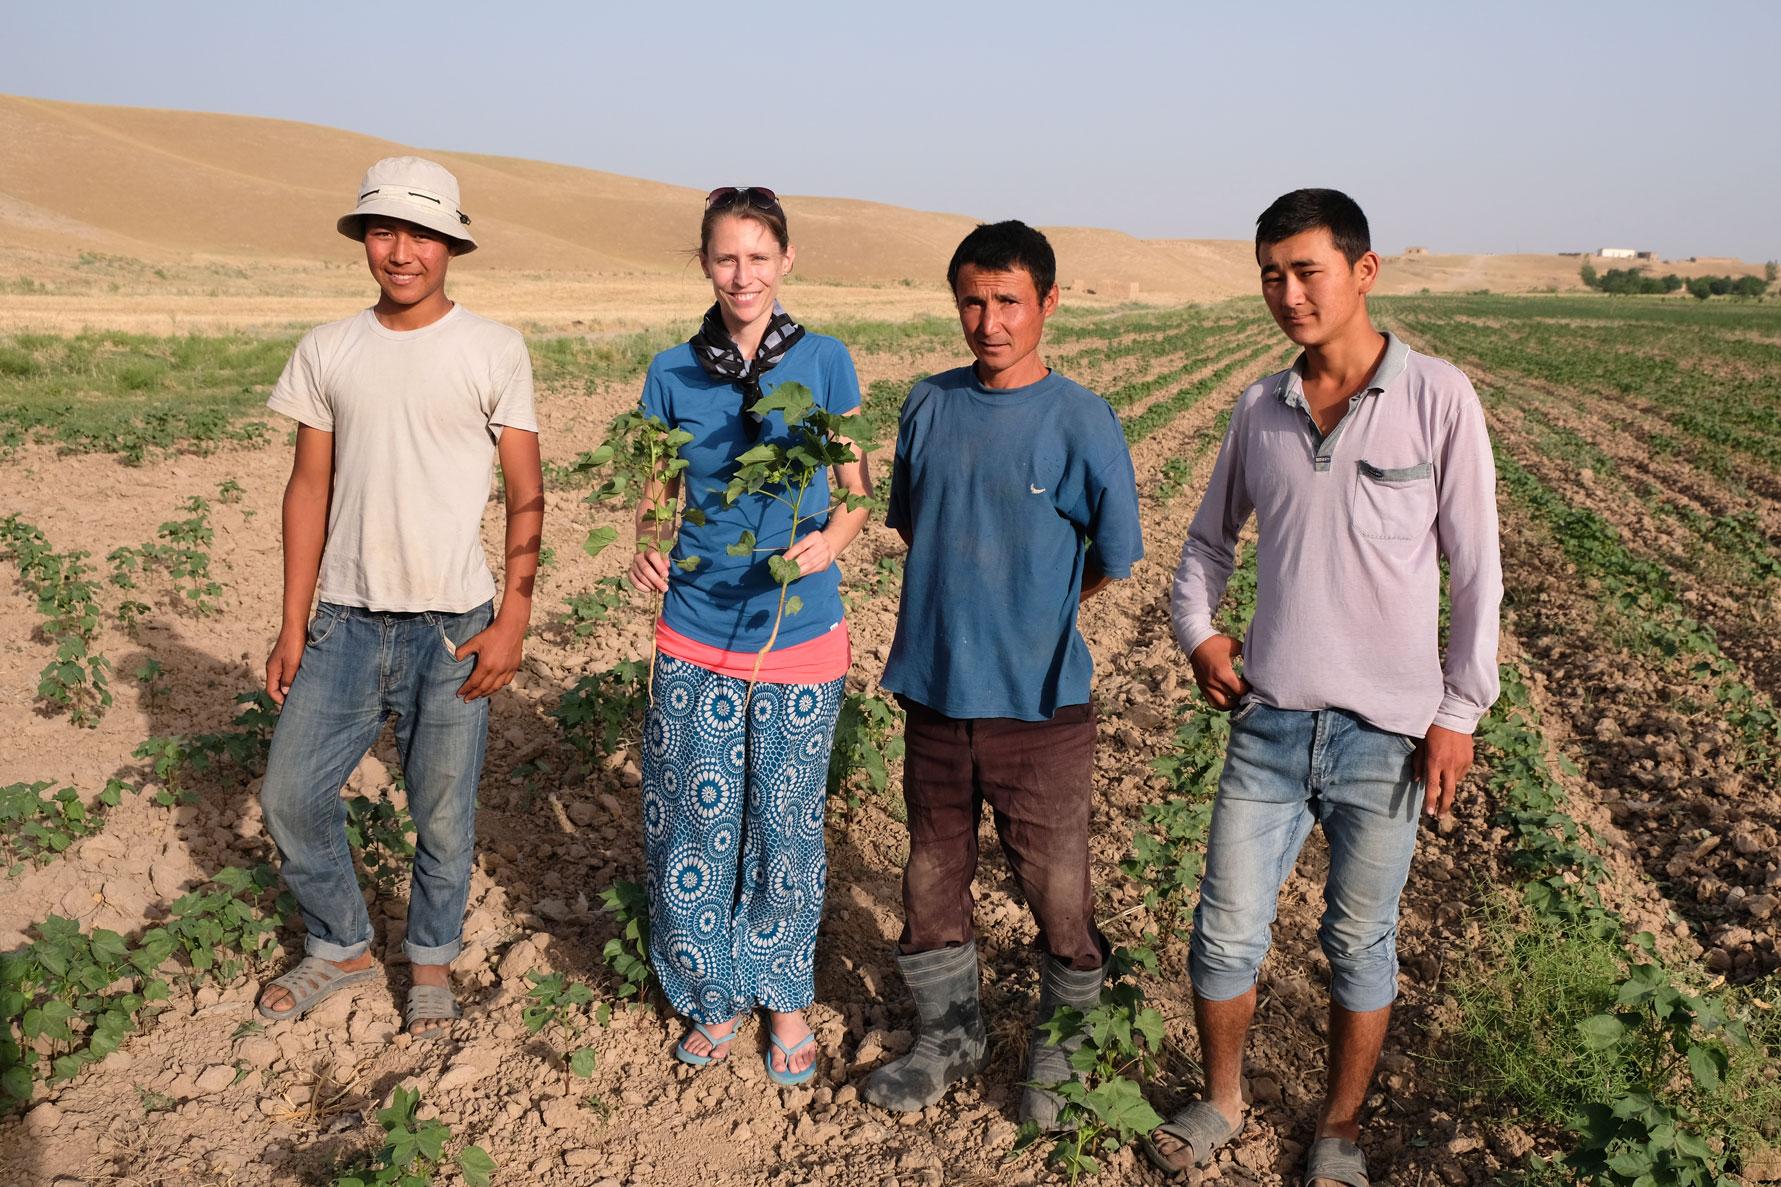 Der Feldbesitzer und seine Kollegen freuen sich über unseren Besuch und schenken Leo eine Baumwollpflanze